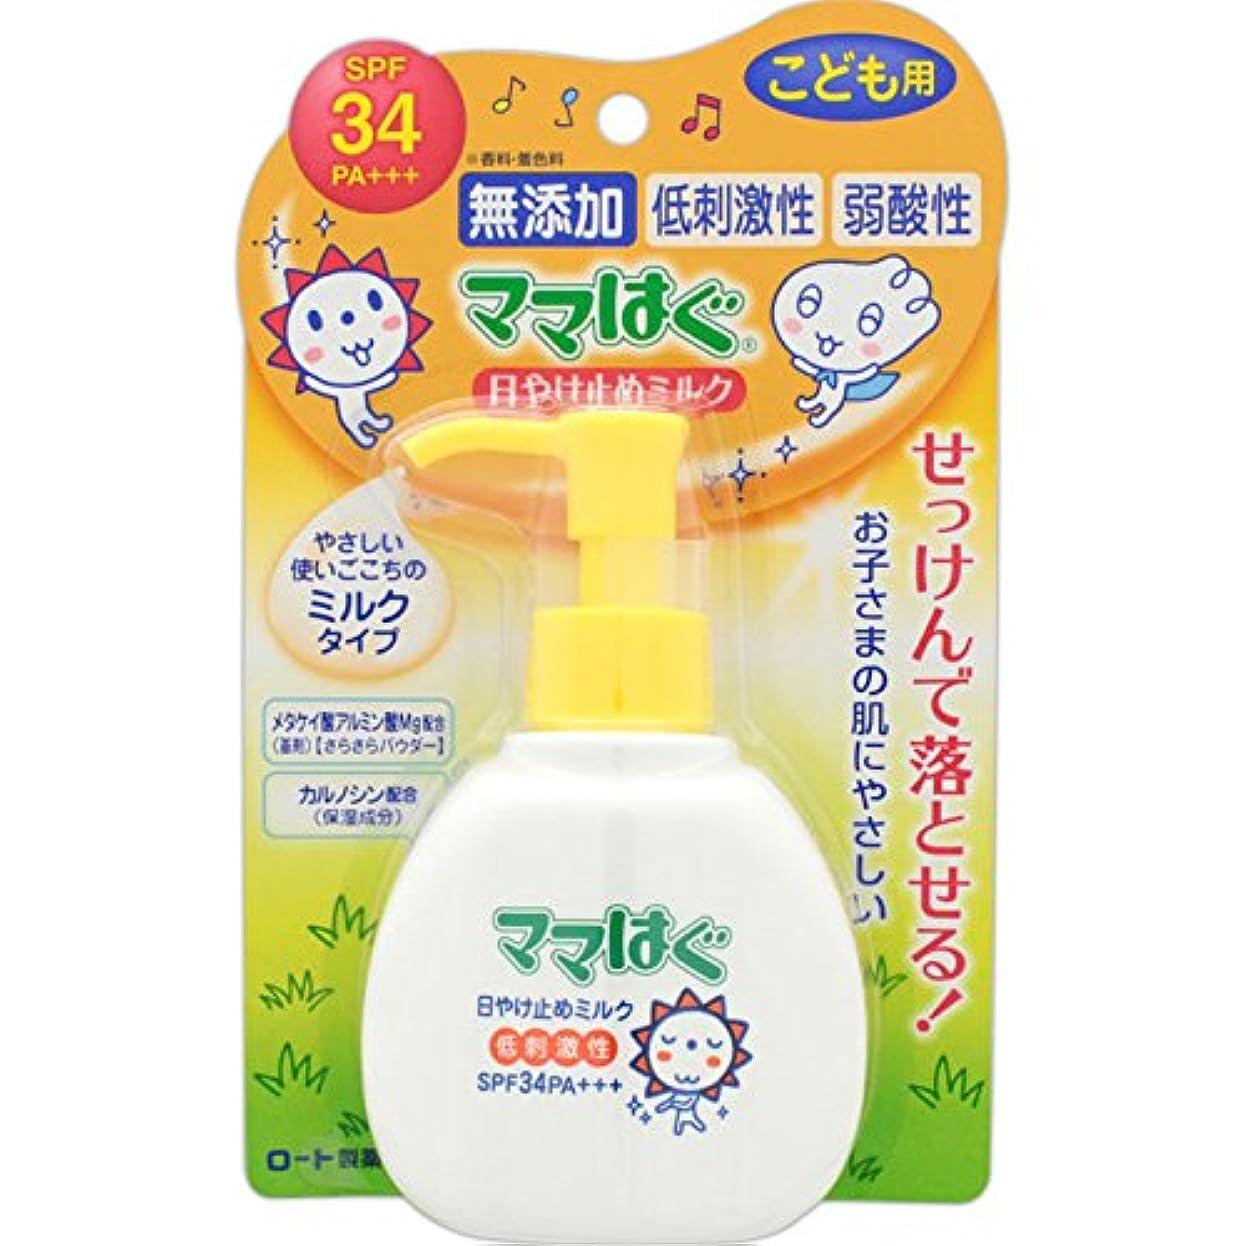 トークン地殻バイパスロート製薬 ママはぐ 無添加 低刺激性日やけ止めミルク SPF34 PA+++ 100g